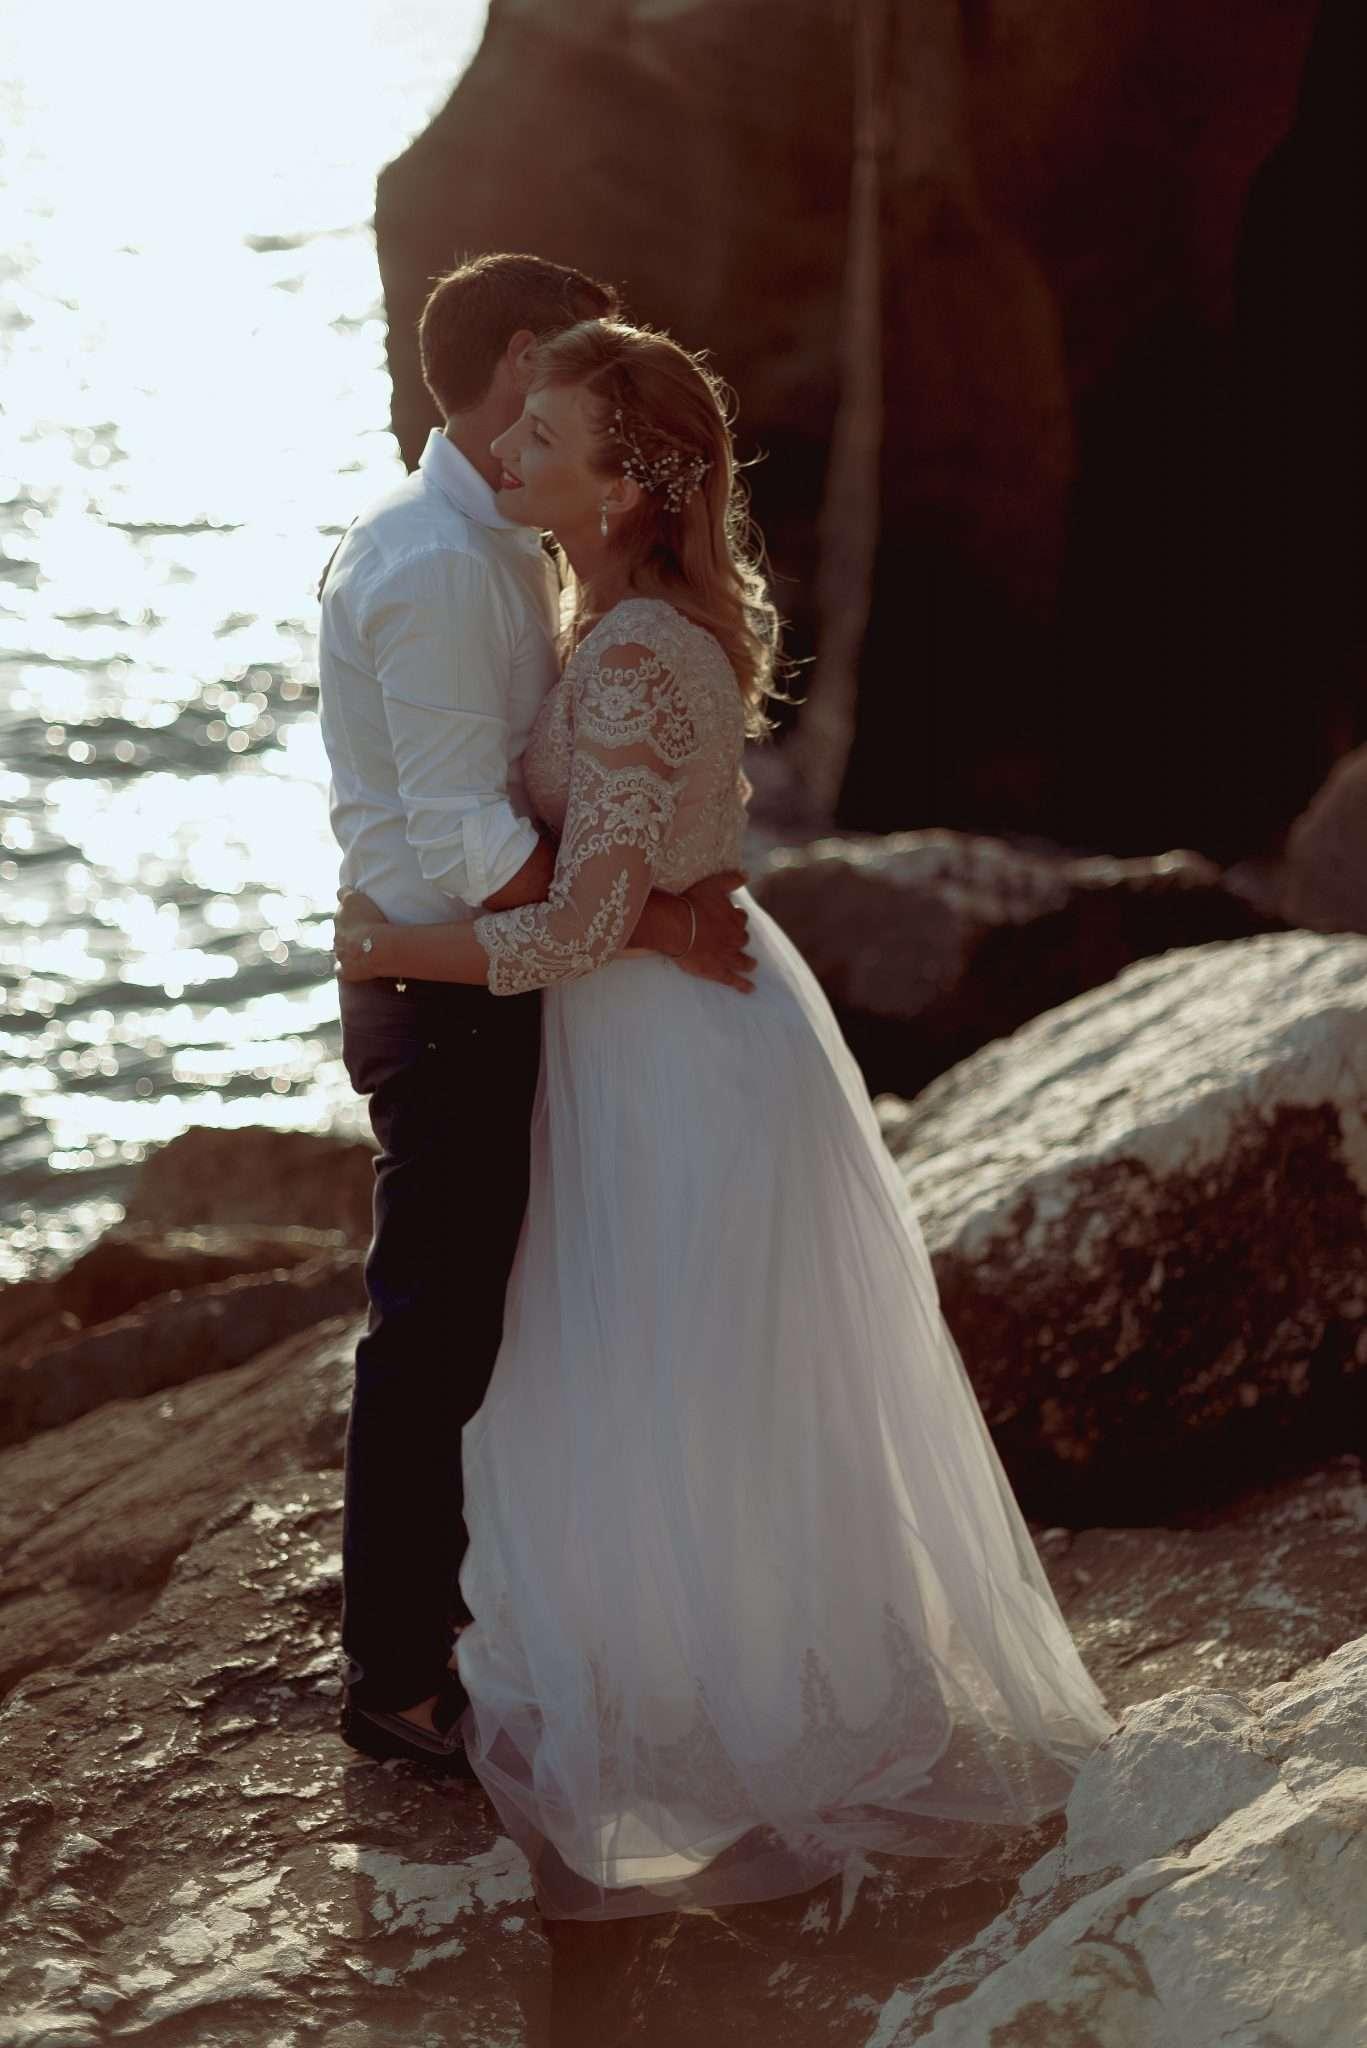 Fotografia abbraccio sposi wedding reportage realizzata da Barbara Trincone fotografa con studio a Pozzuoli - Napoli